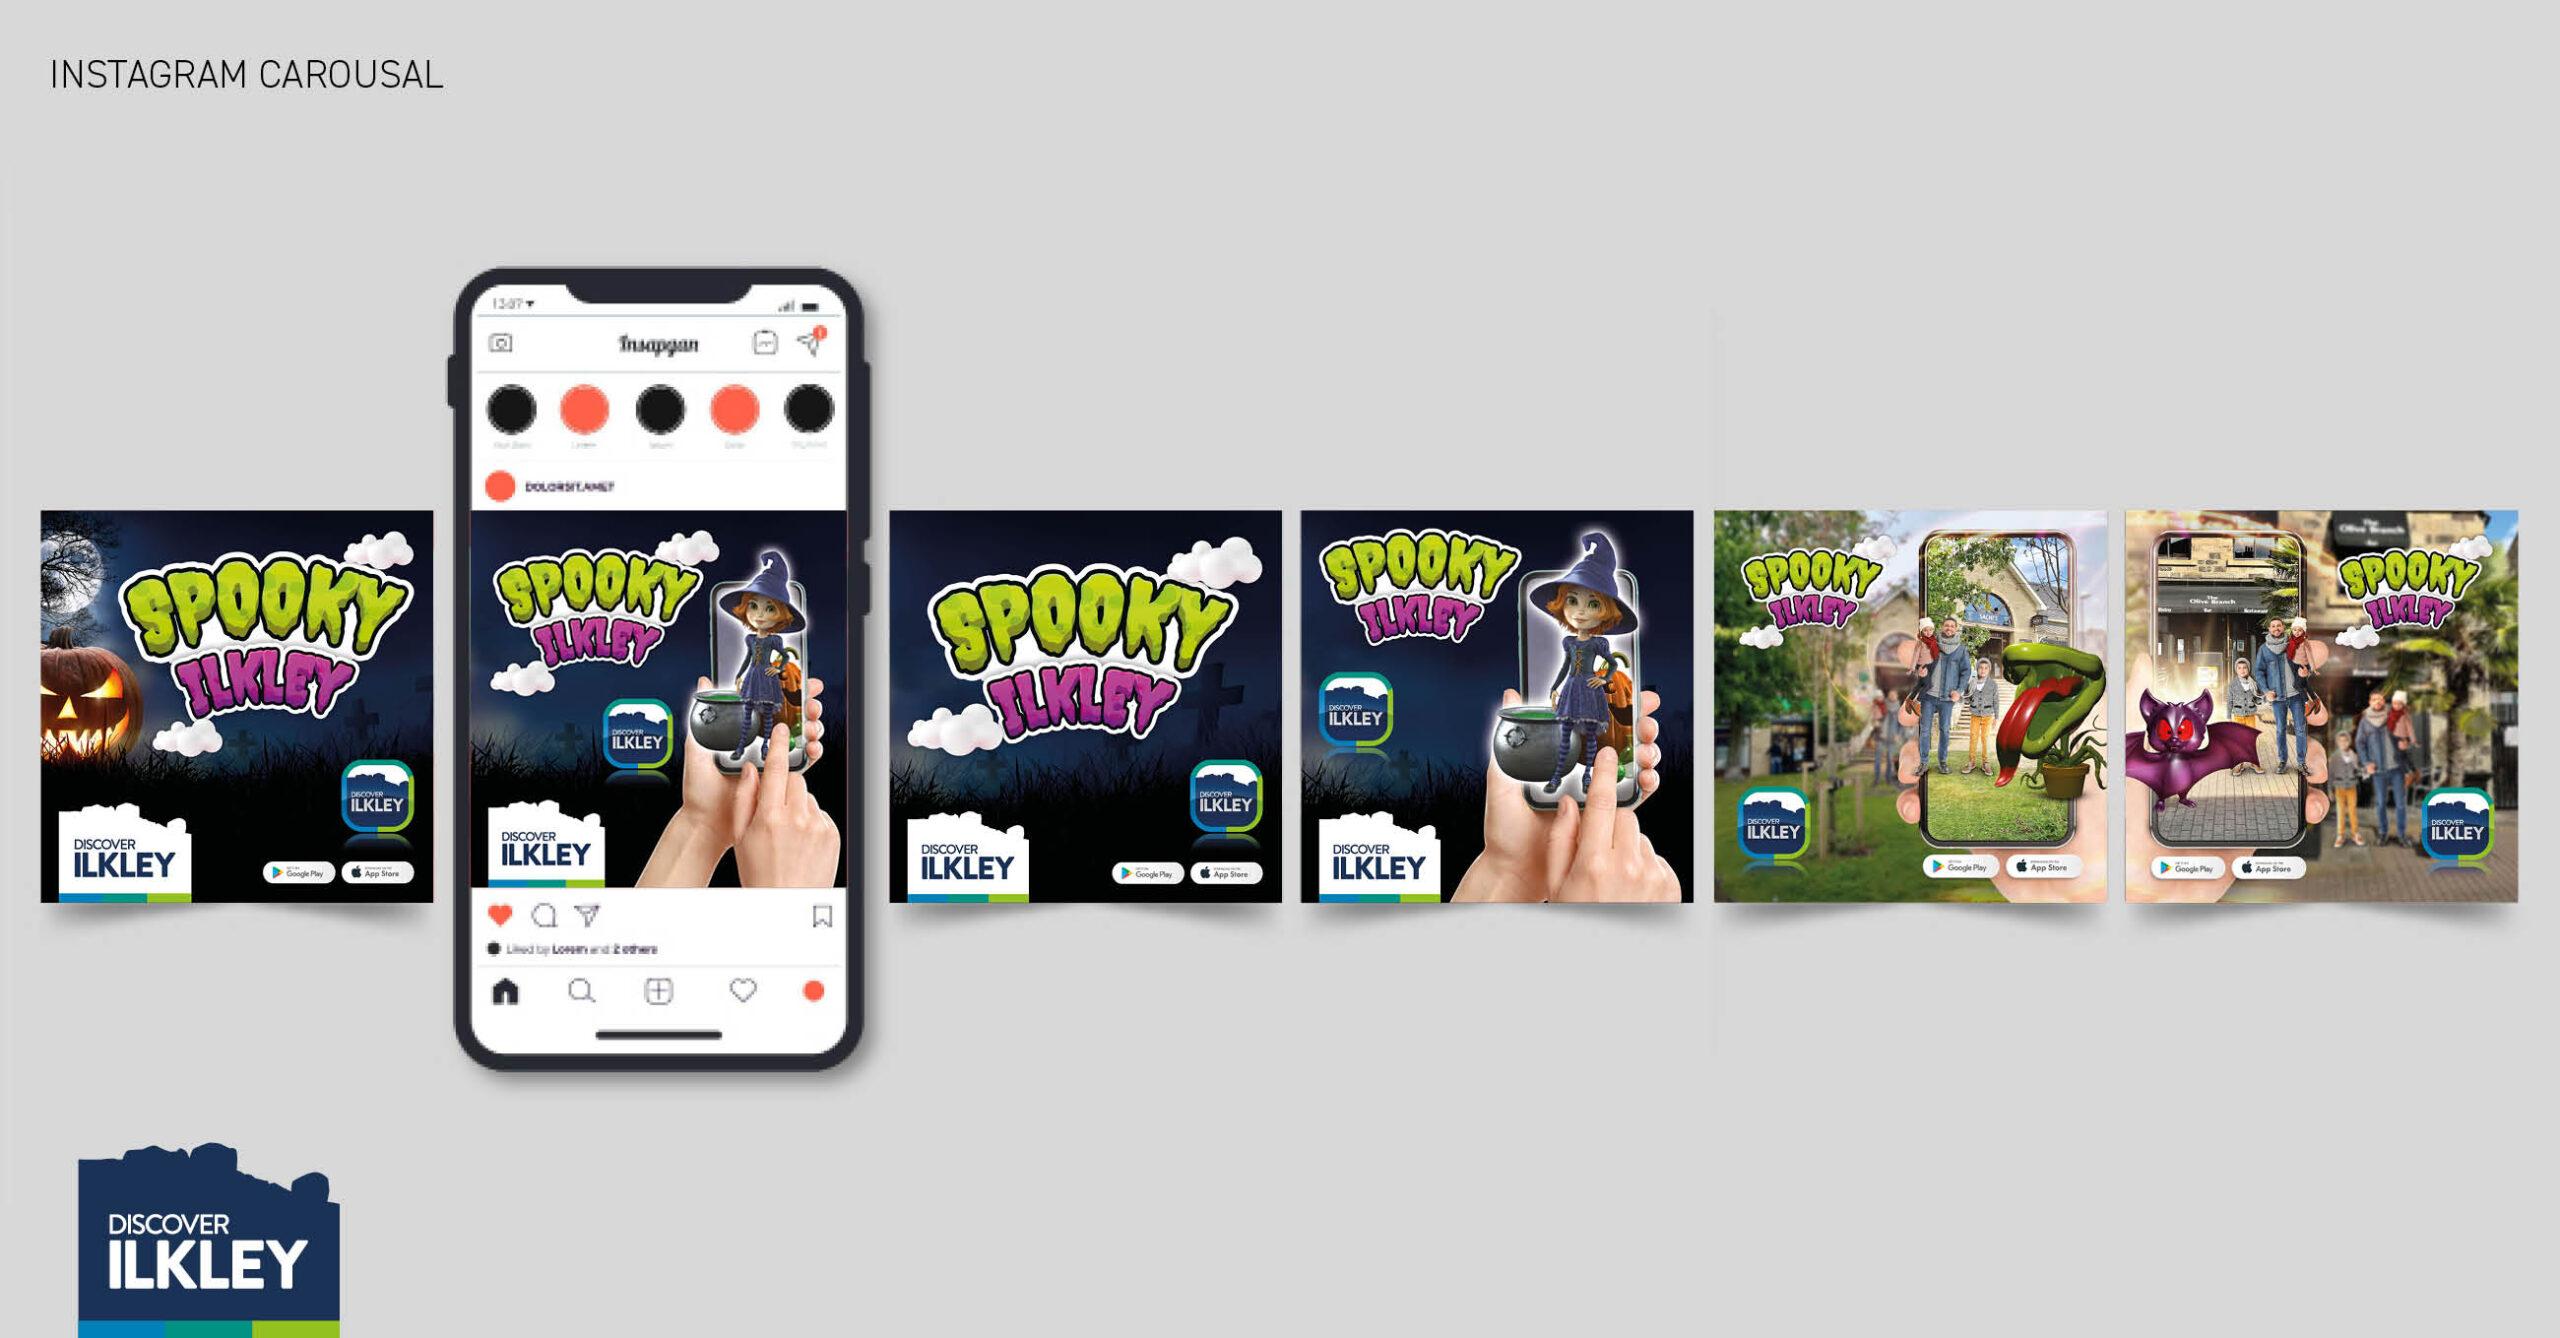 Discover Ilkley App